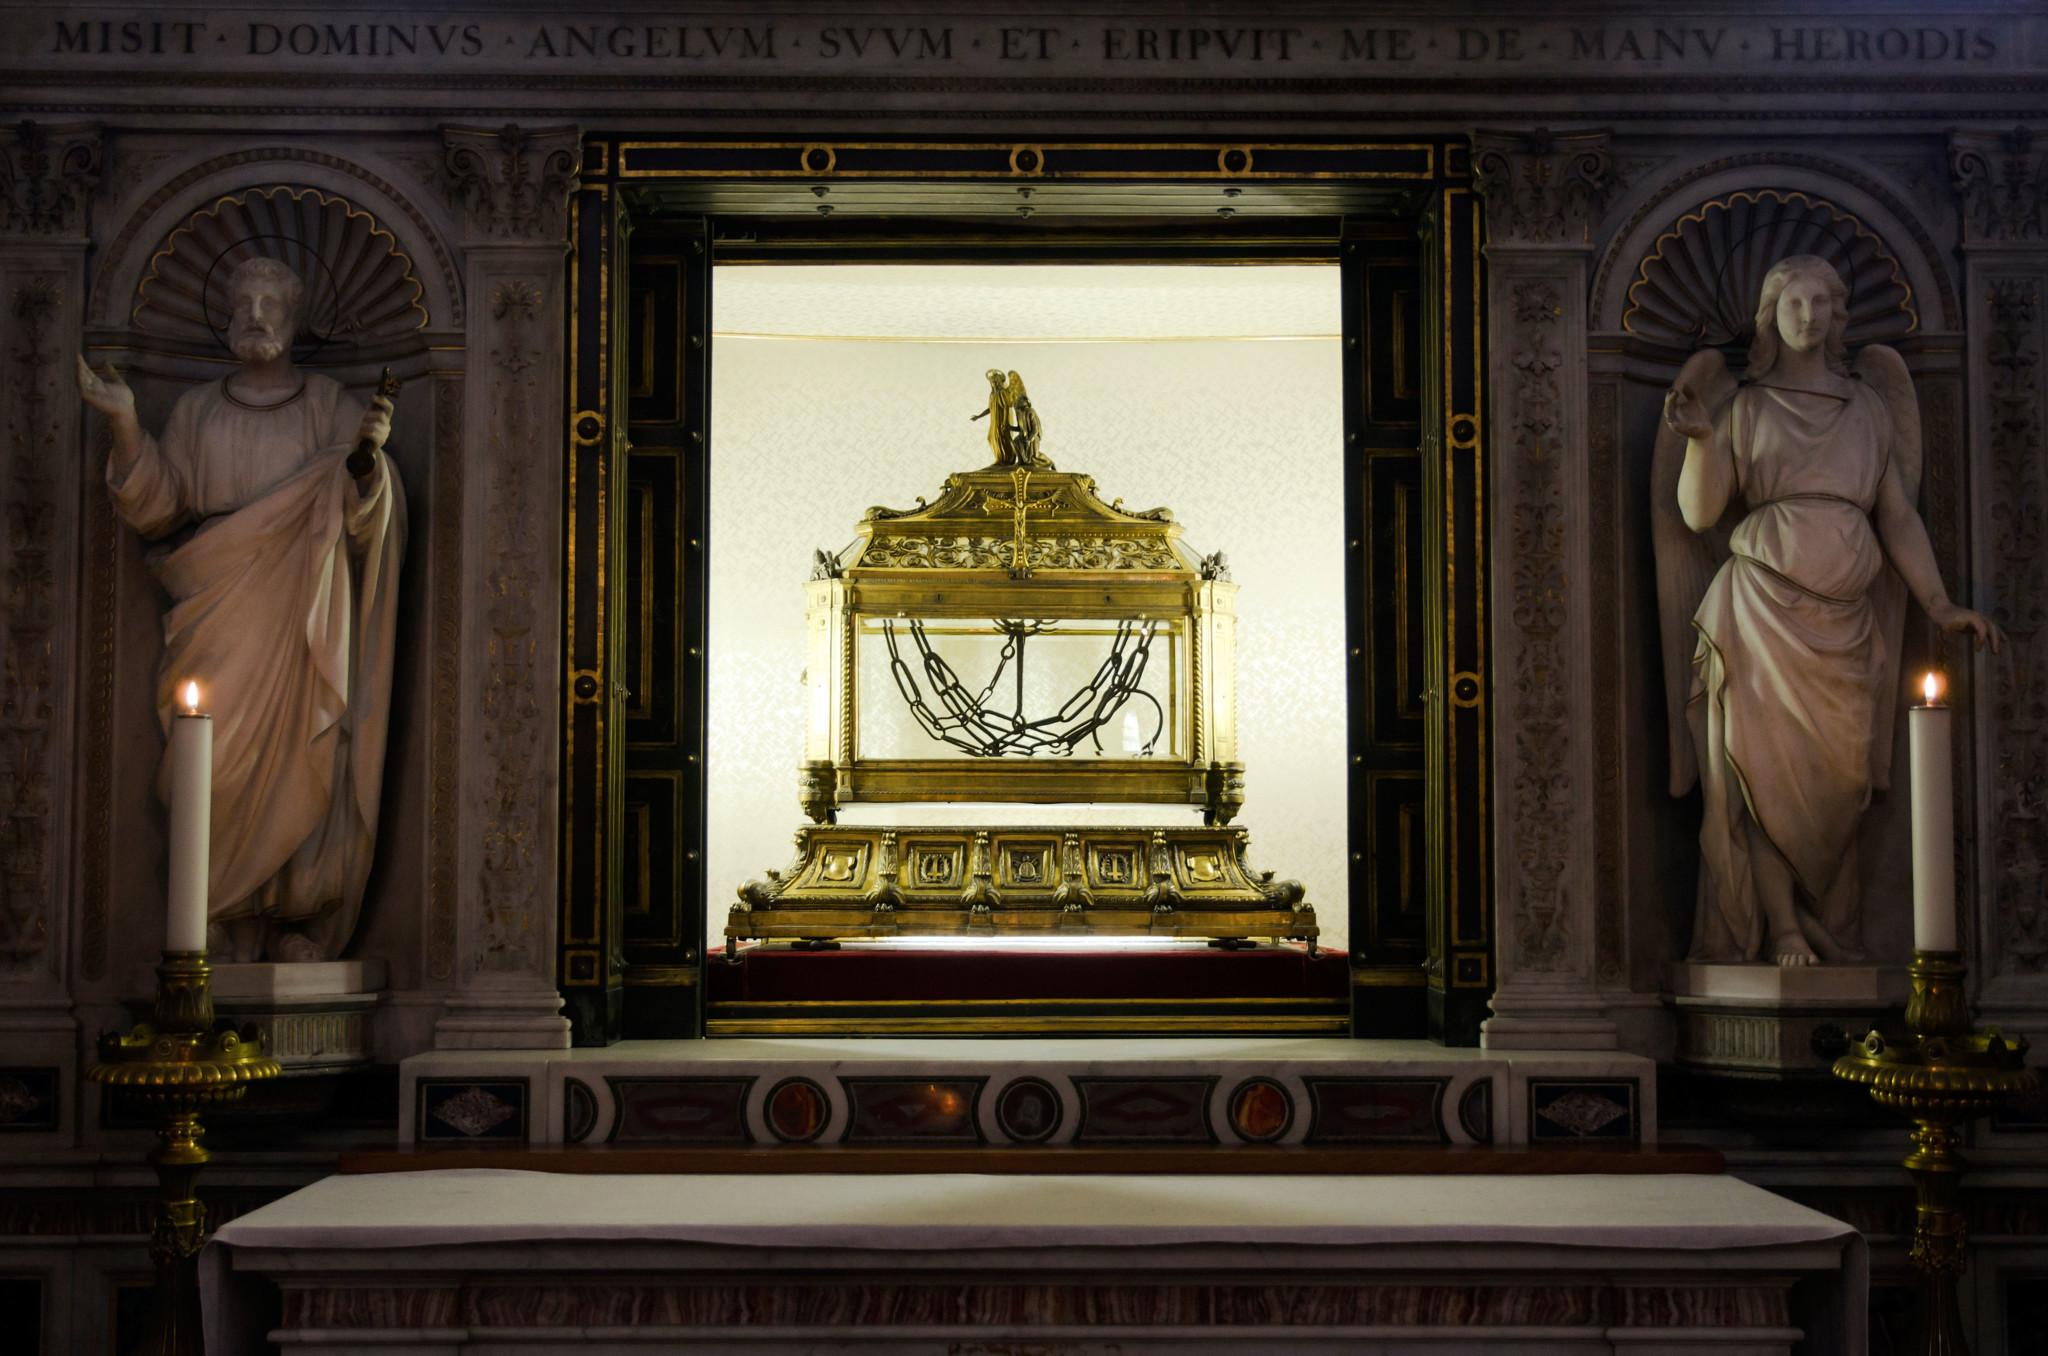 Relikwiarz zawierający łańcuchy, w które miał być zakuty święty Piotr w bazylice Świętego Piotra w Okowach w Rzymie.